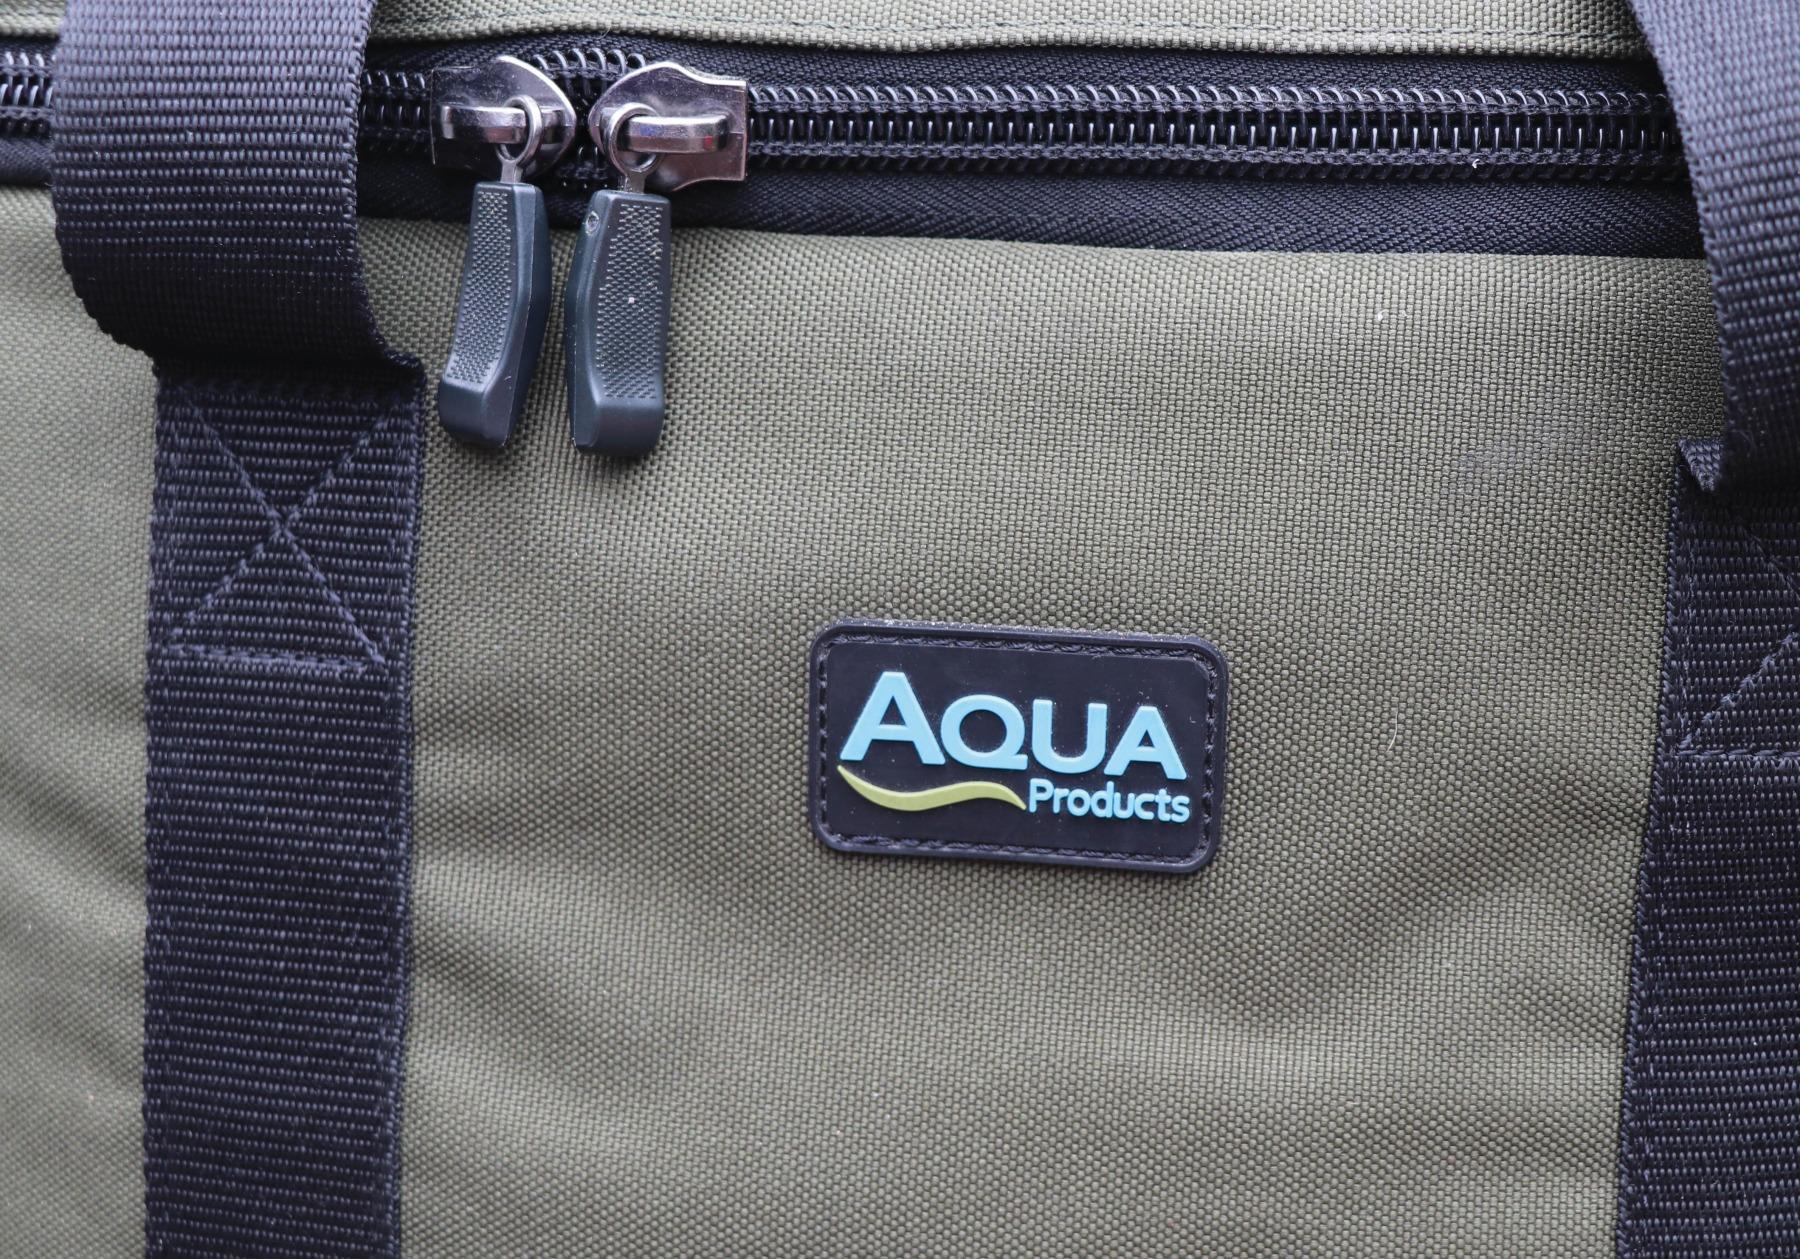 Aqua food bags